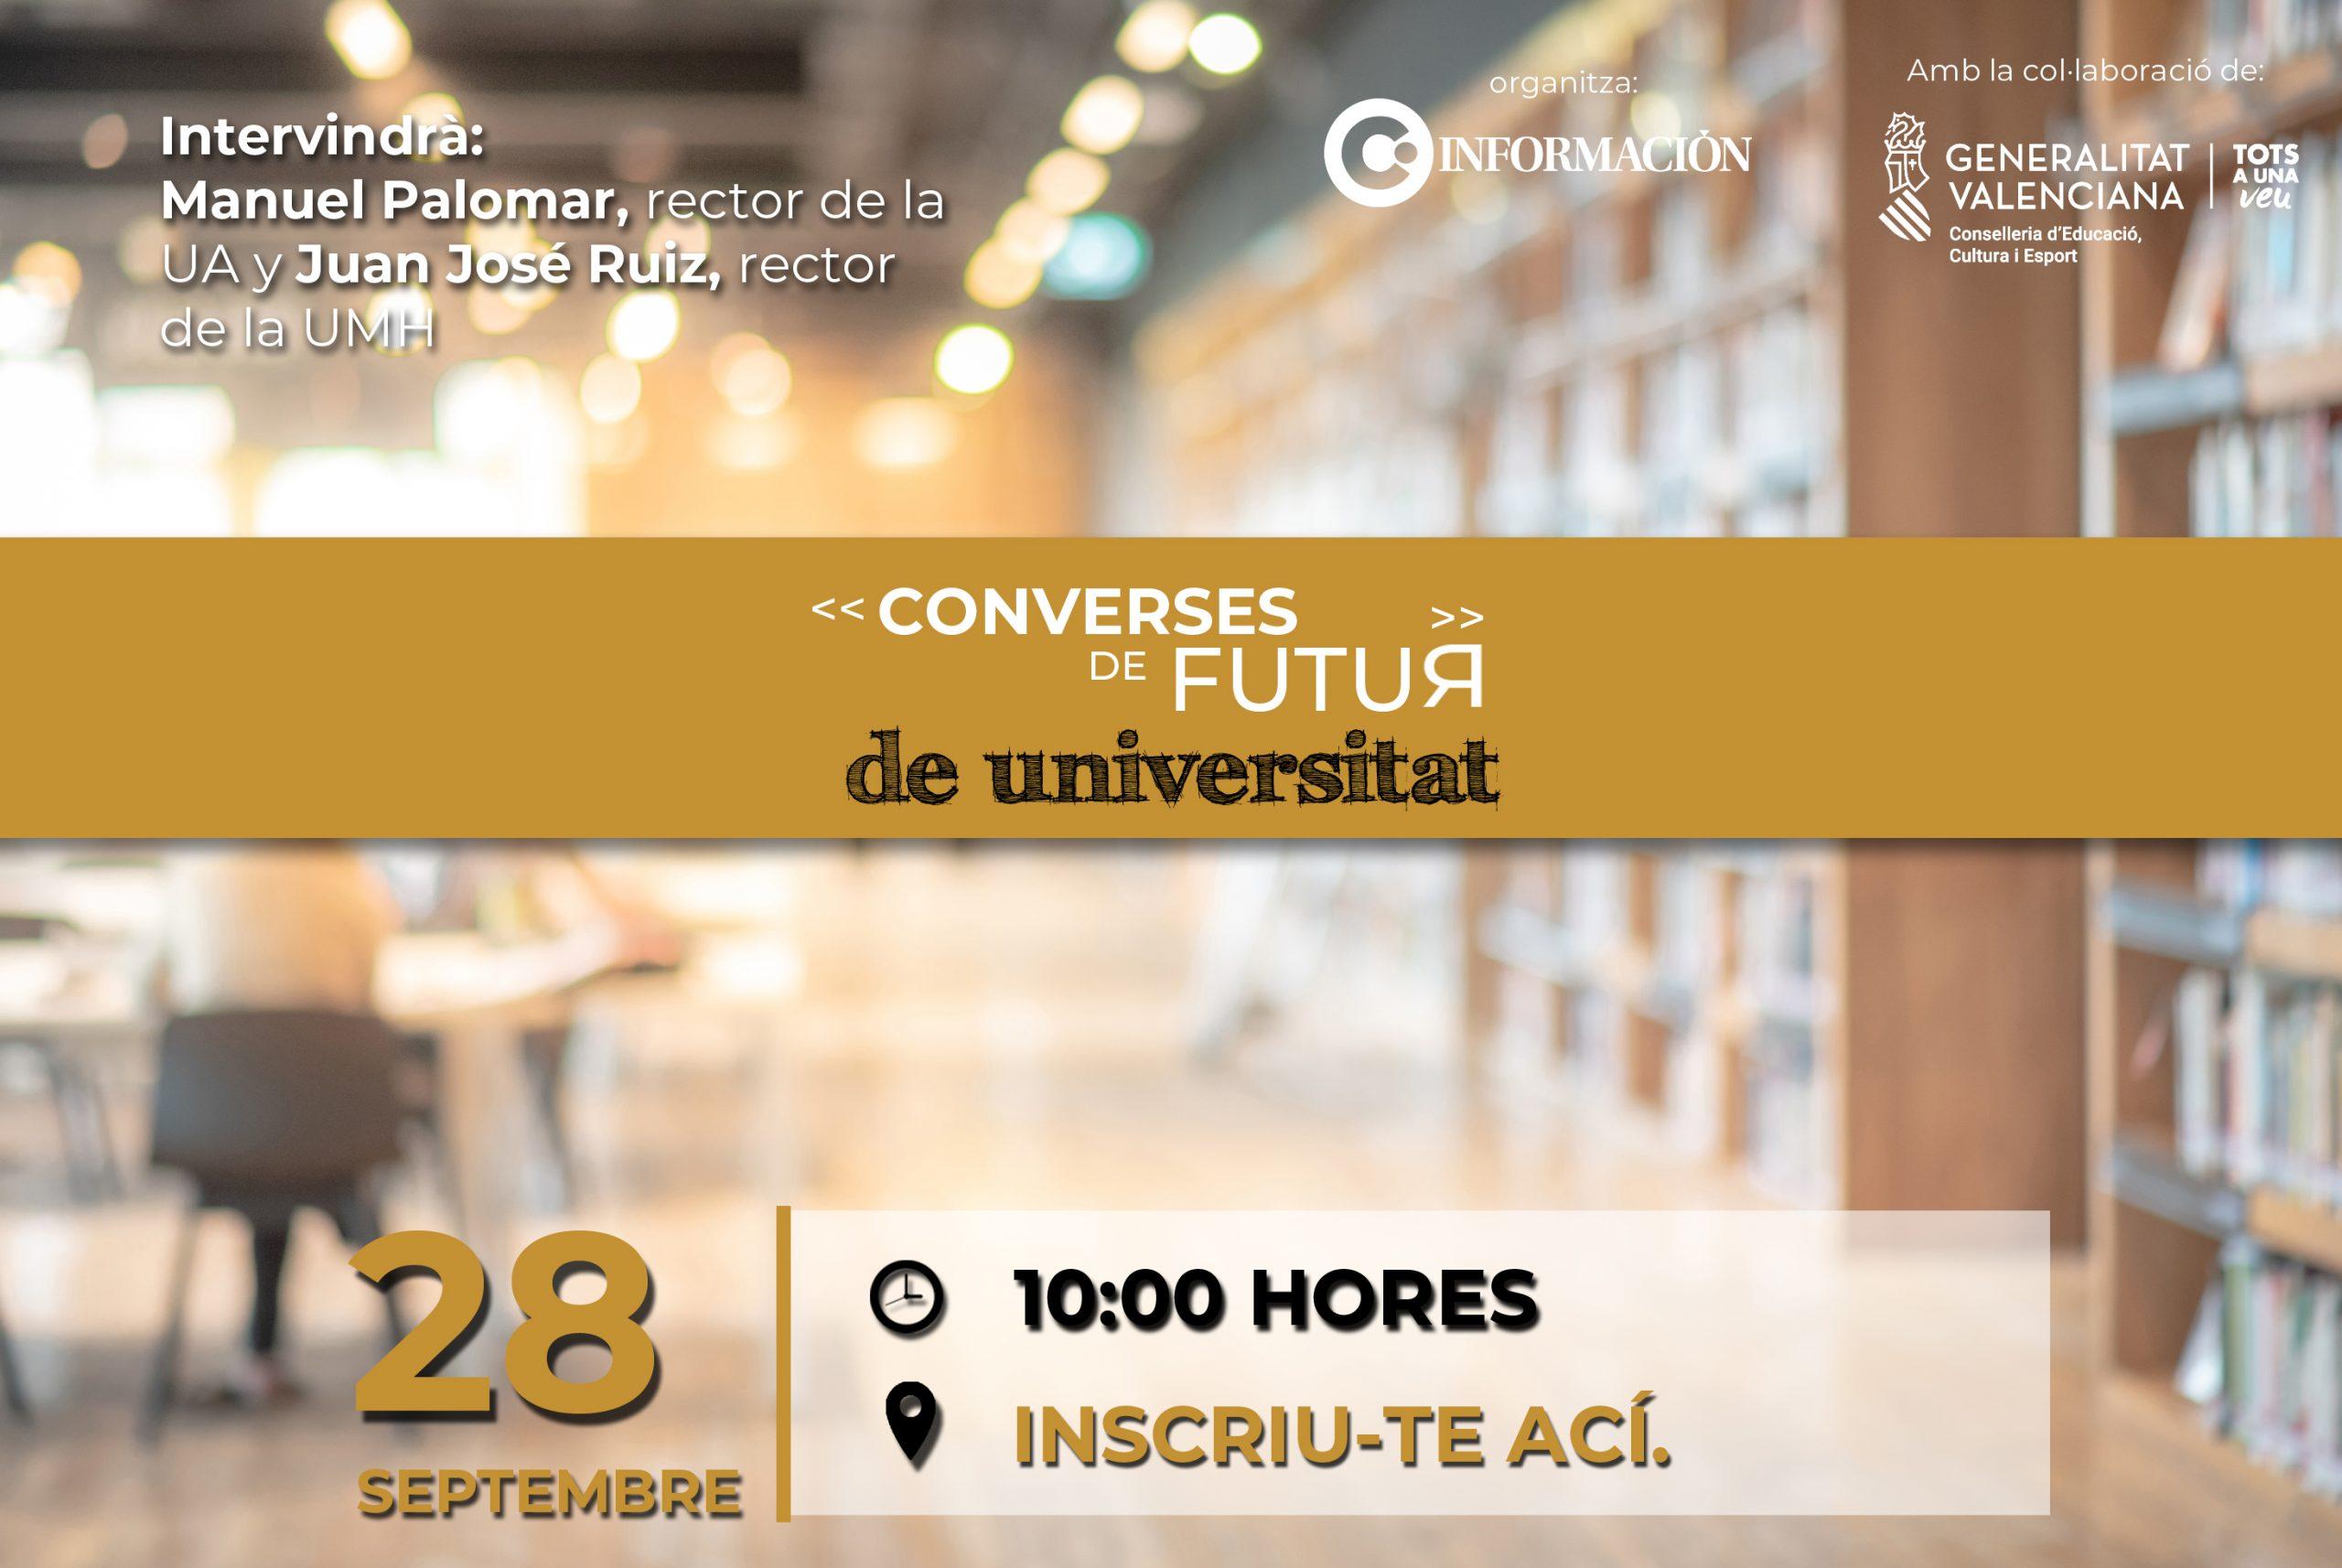 CONVERSES DE FUTUR DE UNIVERSITAT